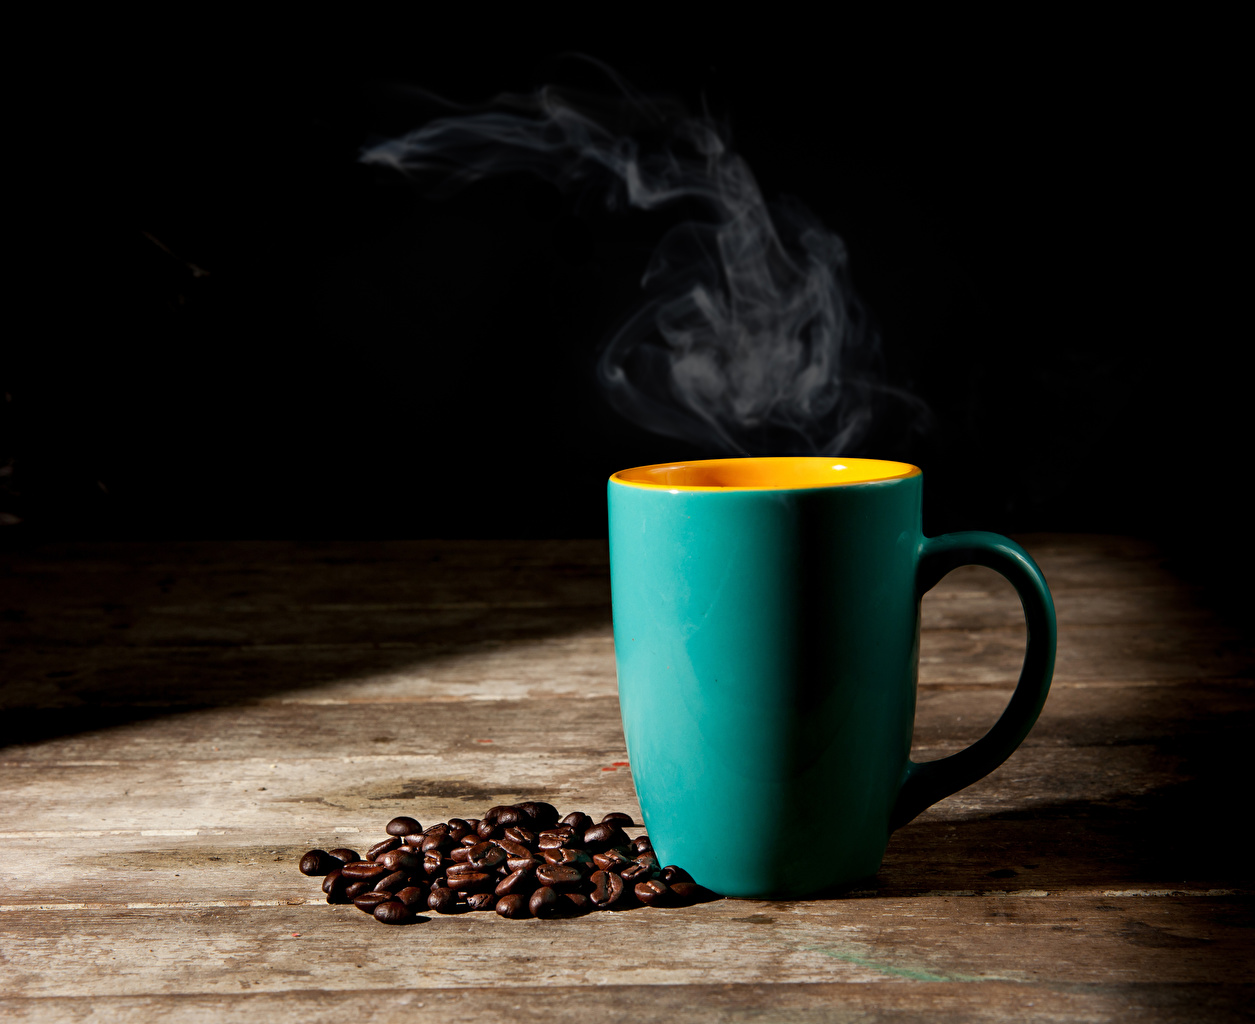 Фото Кофе зерно Еда паром Чашка Зерна Пар Пища пары чашке Продукты питания